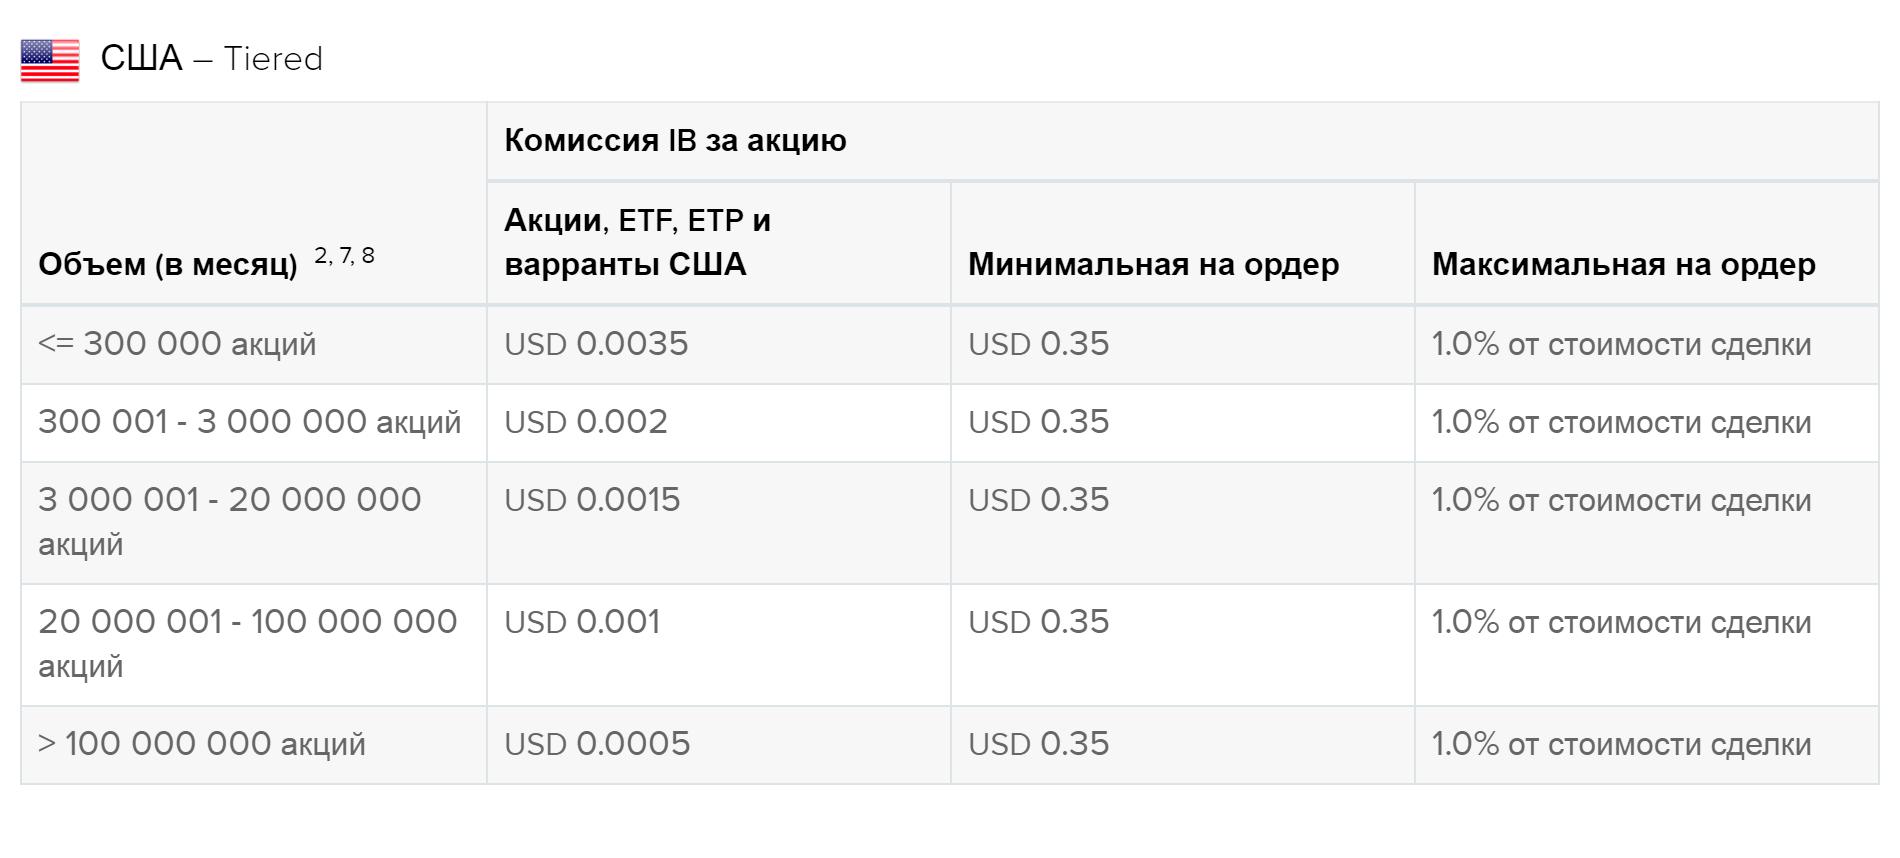 Аналогичный пример комиссий на многоуровневом тарифе